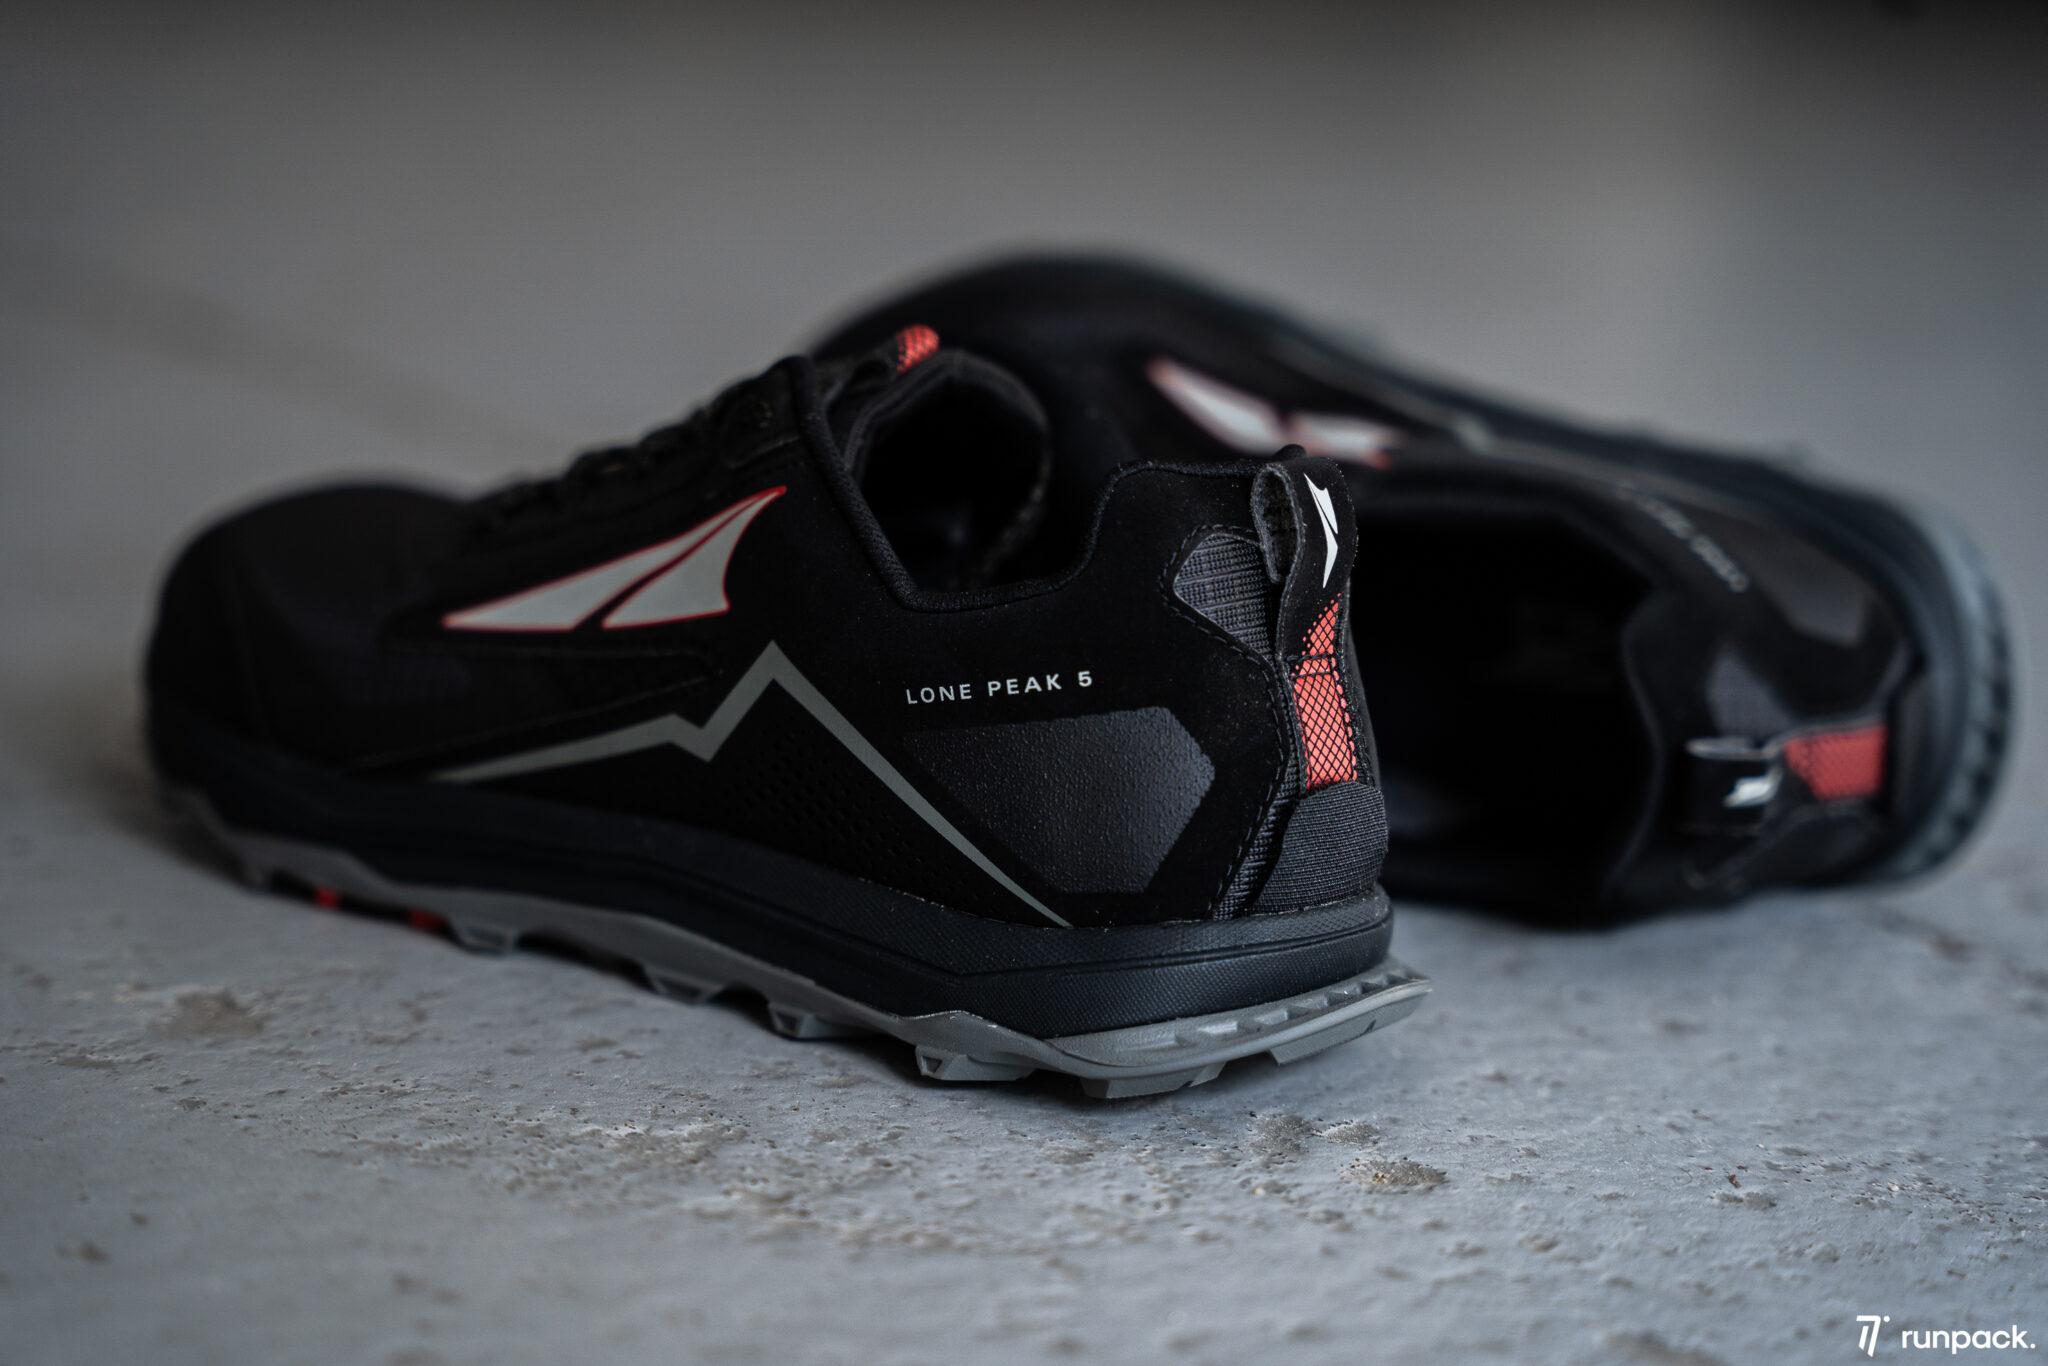 altra lone peak 5.0 chaussure trail runpack 5